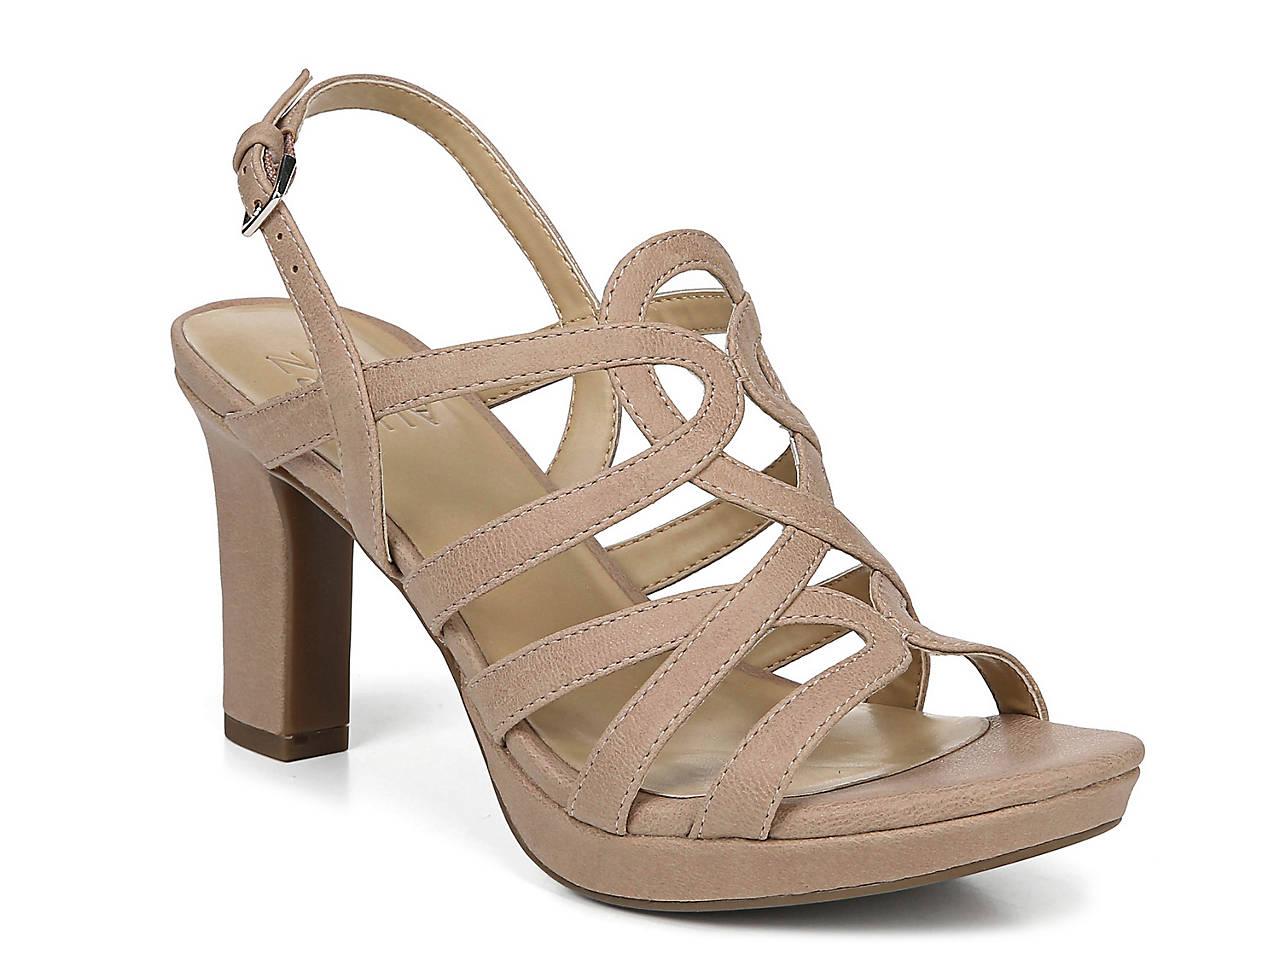 5d3250daf79 Naturalizer Cameron Platform Sandal Women s Shoes